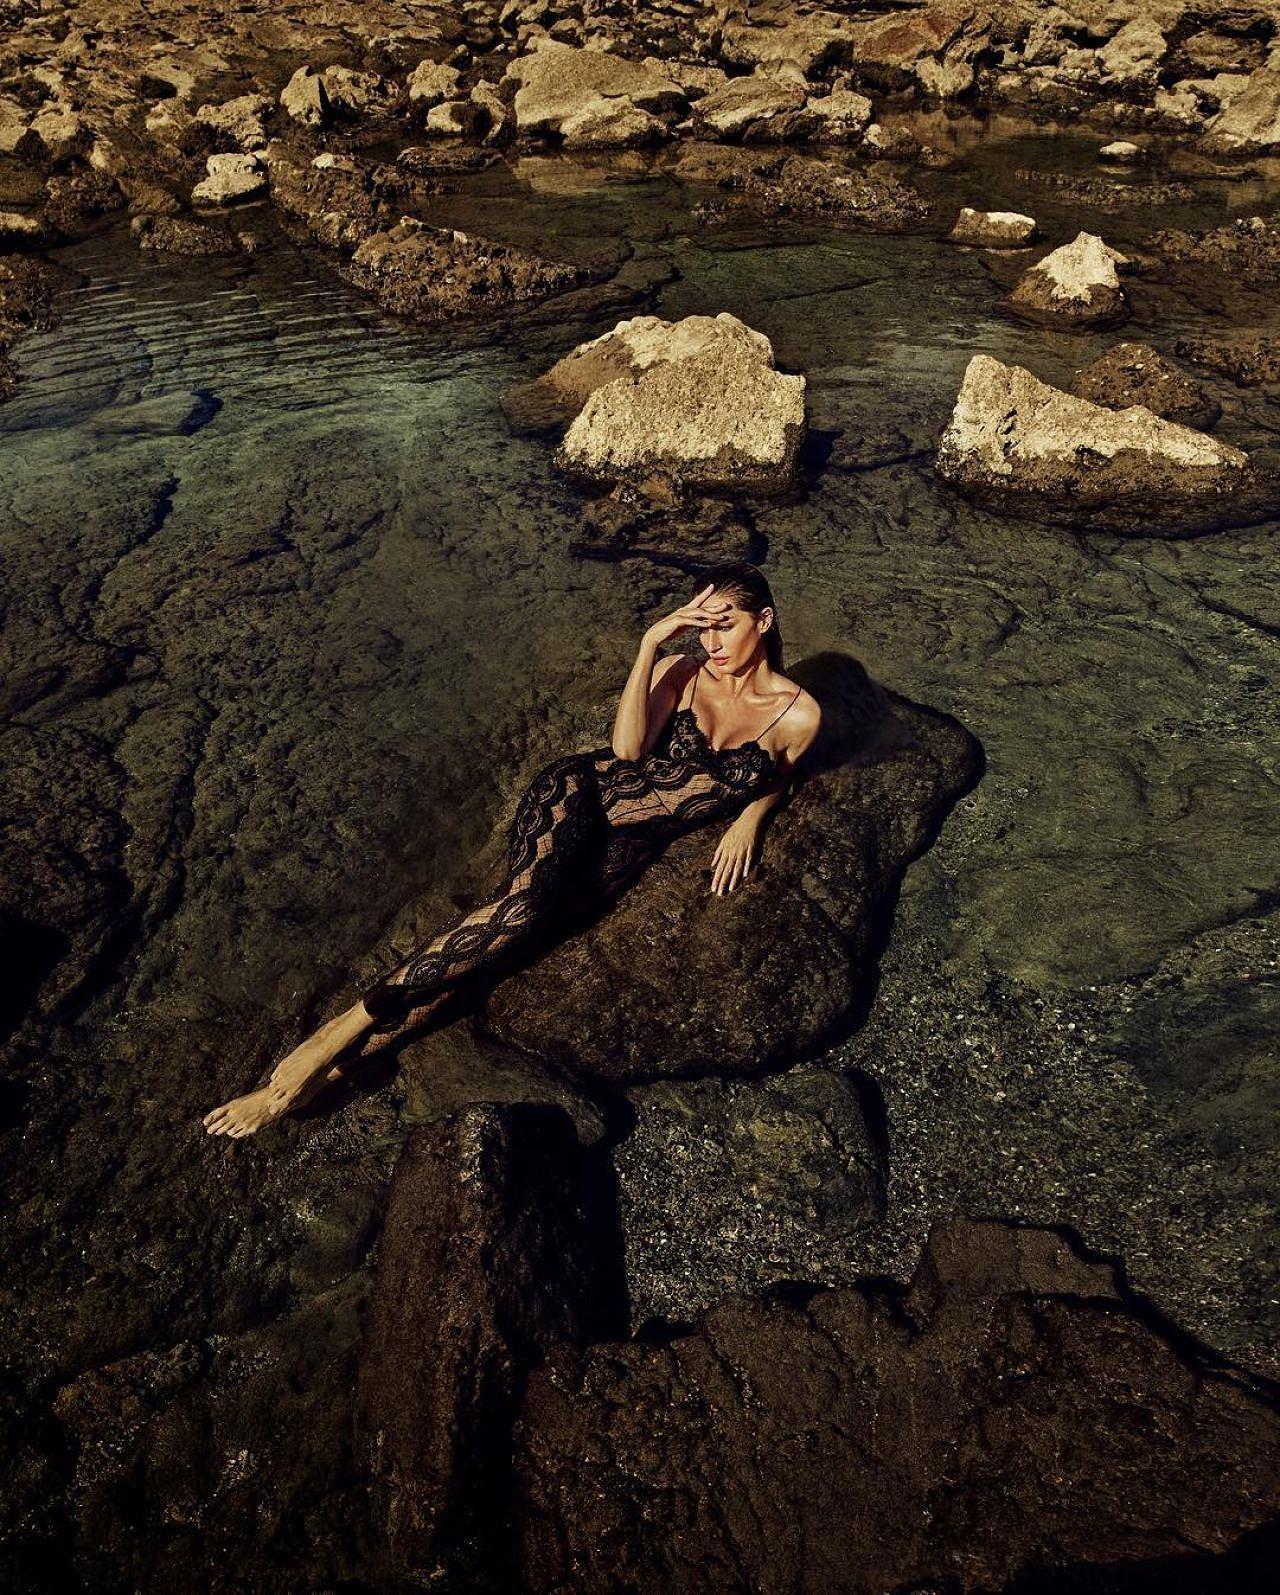 Siêu mẫu Gisele Bundchen hóa nữ thần biển cả táo bạo gợi cảm Ảnh 12